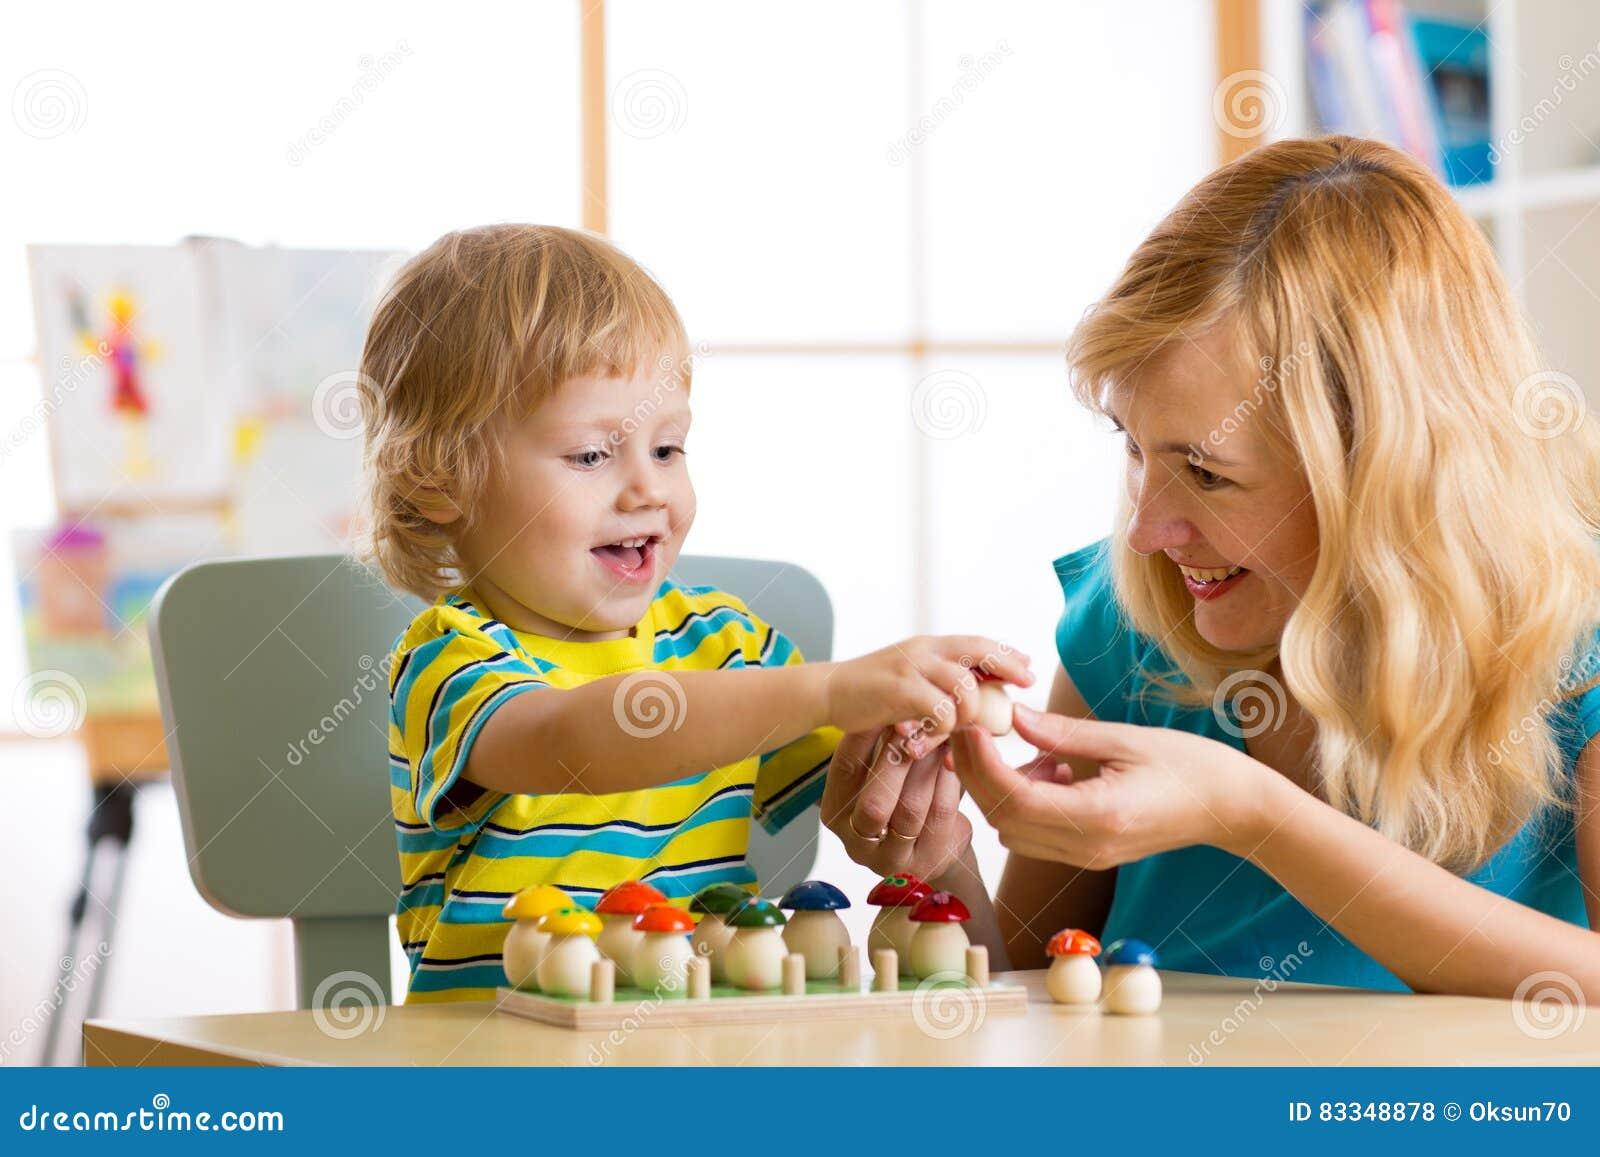 La madre y el niño aprenden color, clasifican, cuentan mientras que juega con los juguetes de desarrollo Concepto temprano de la